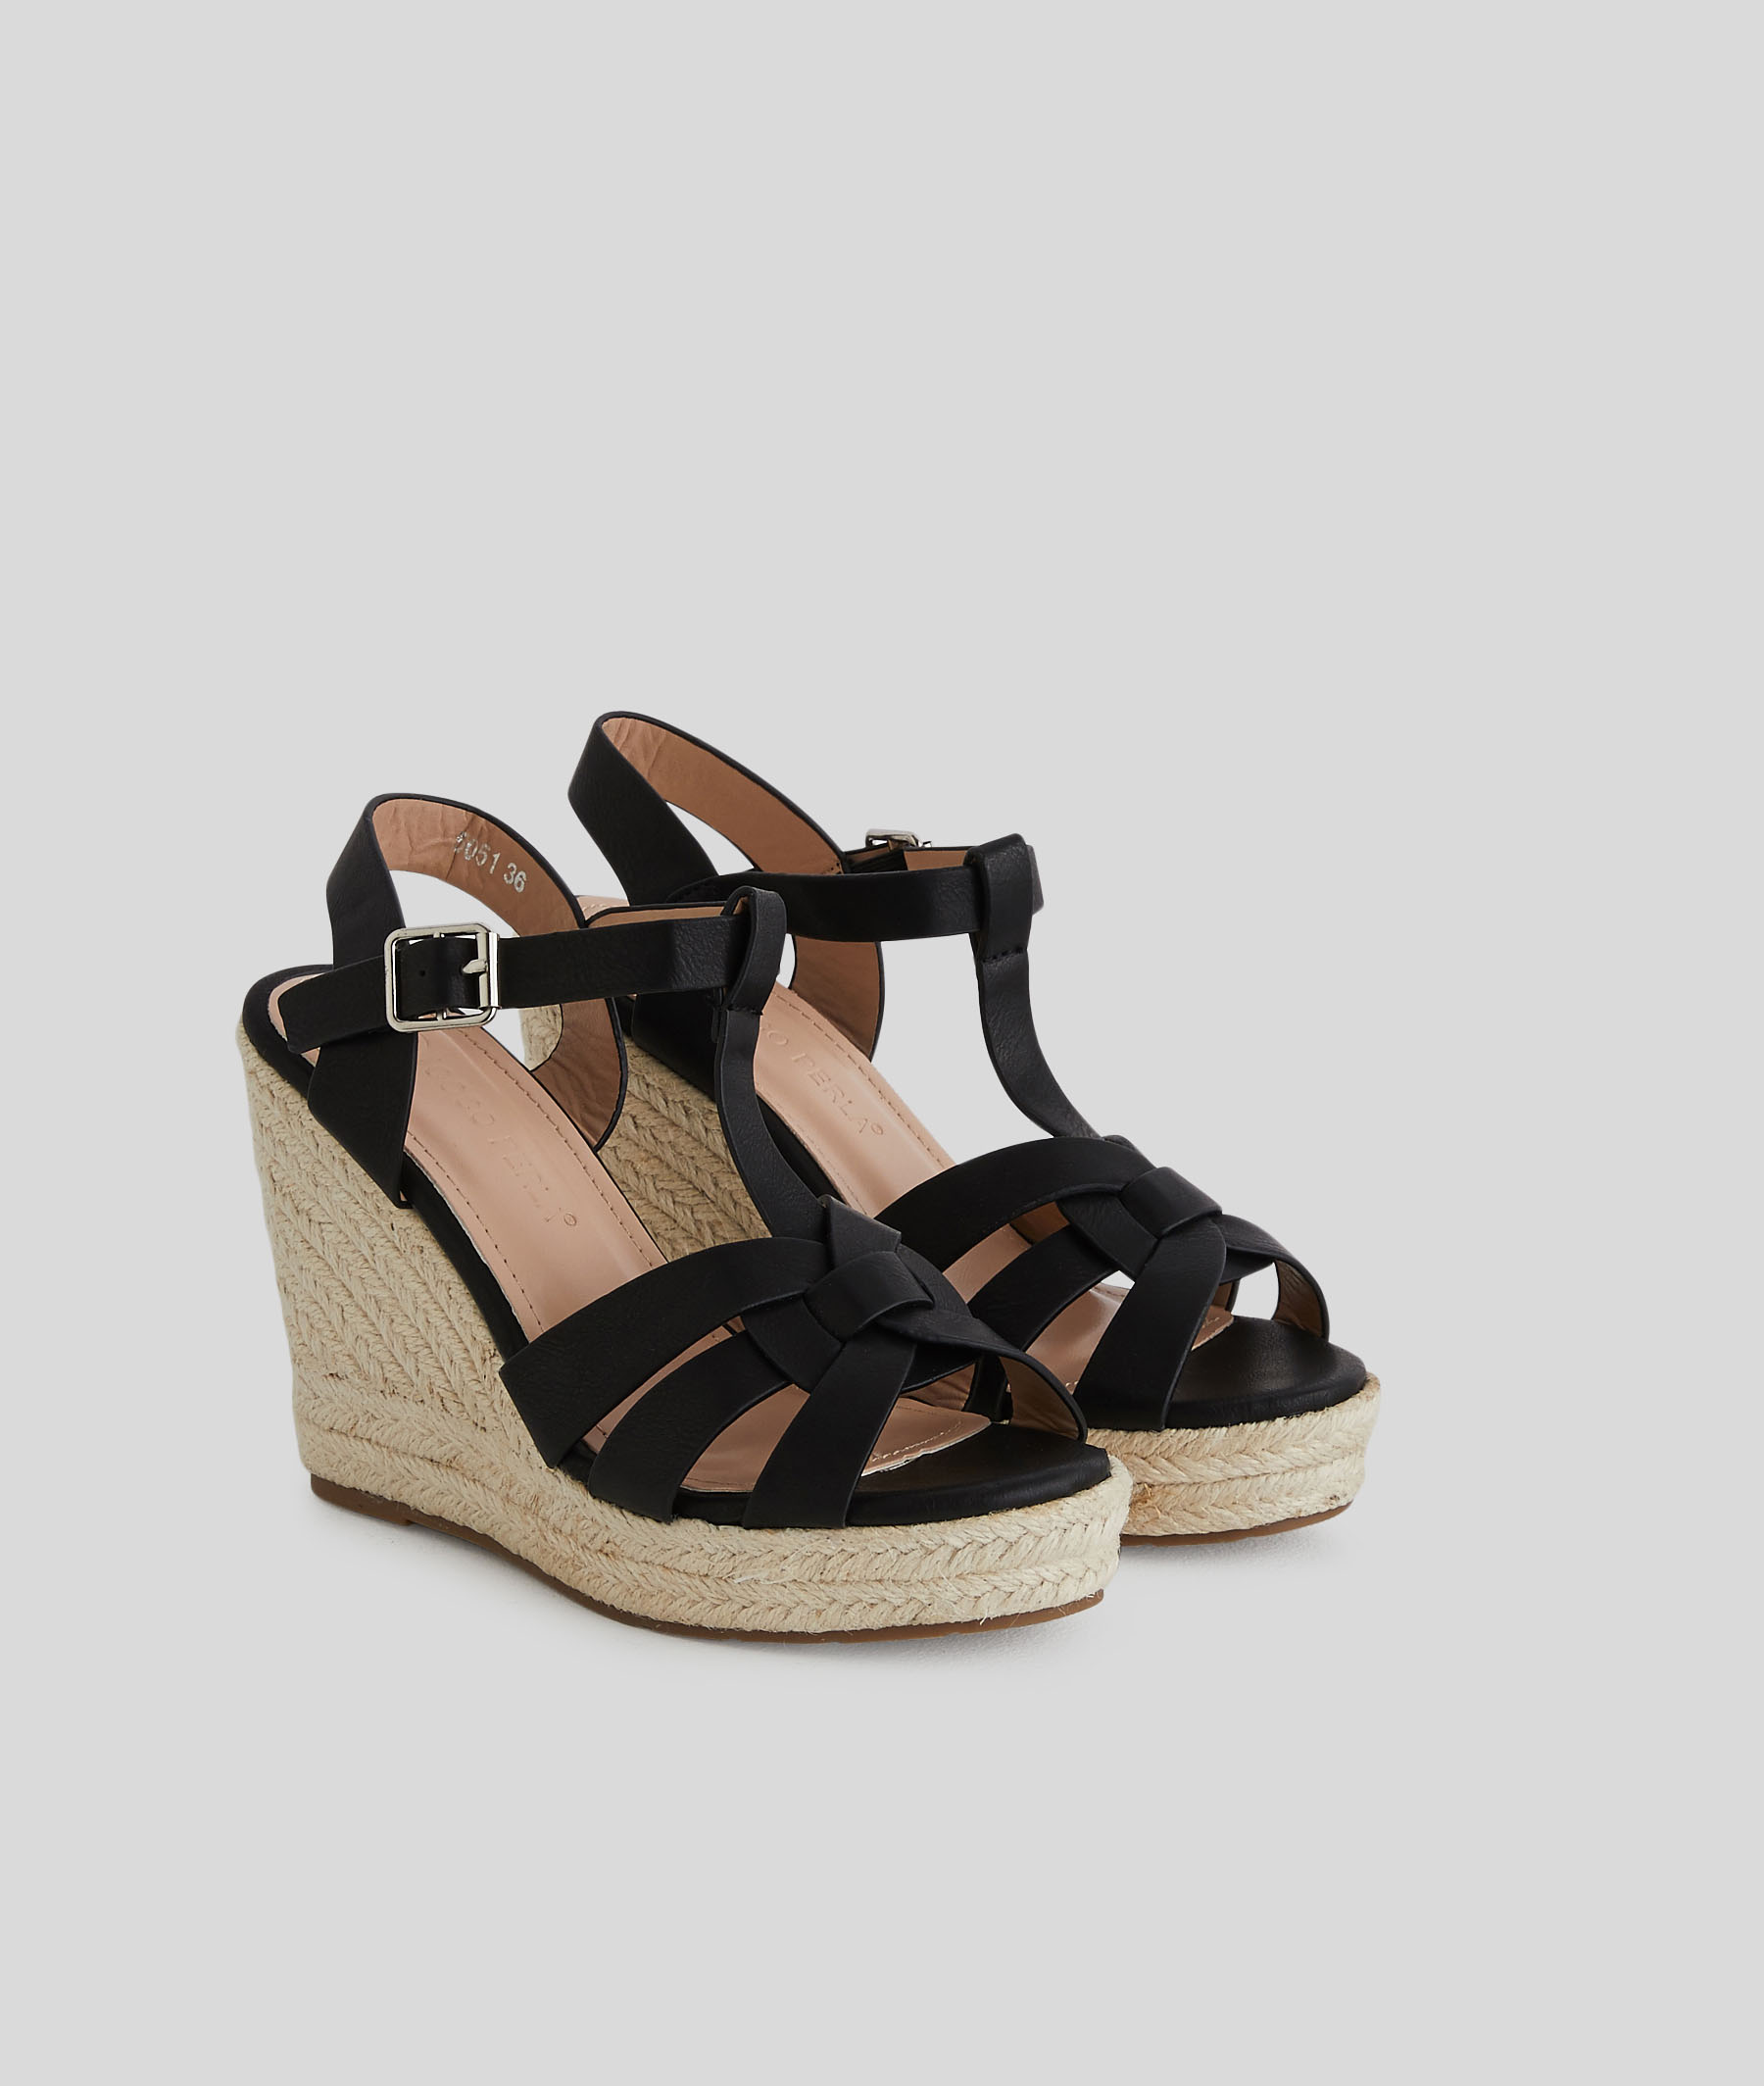 Sandales compensées femme NOIR